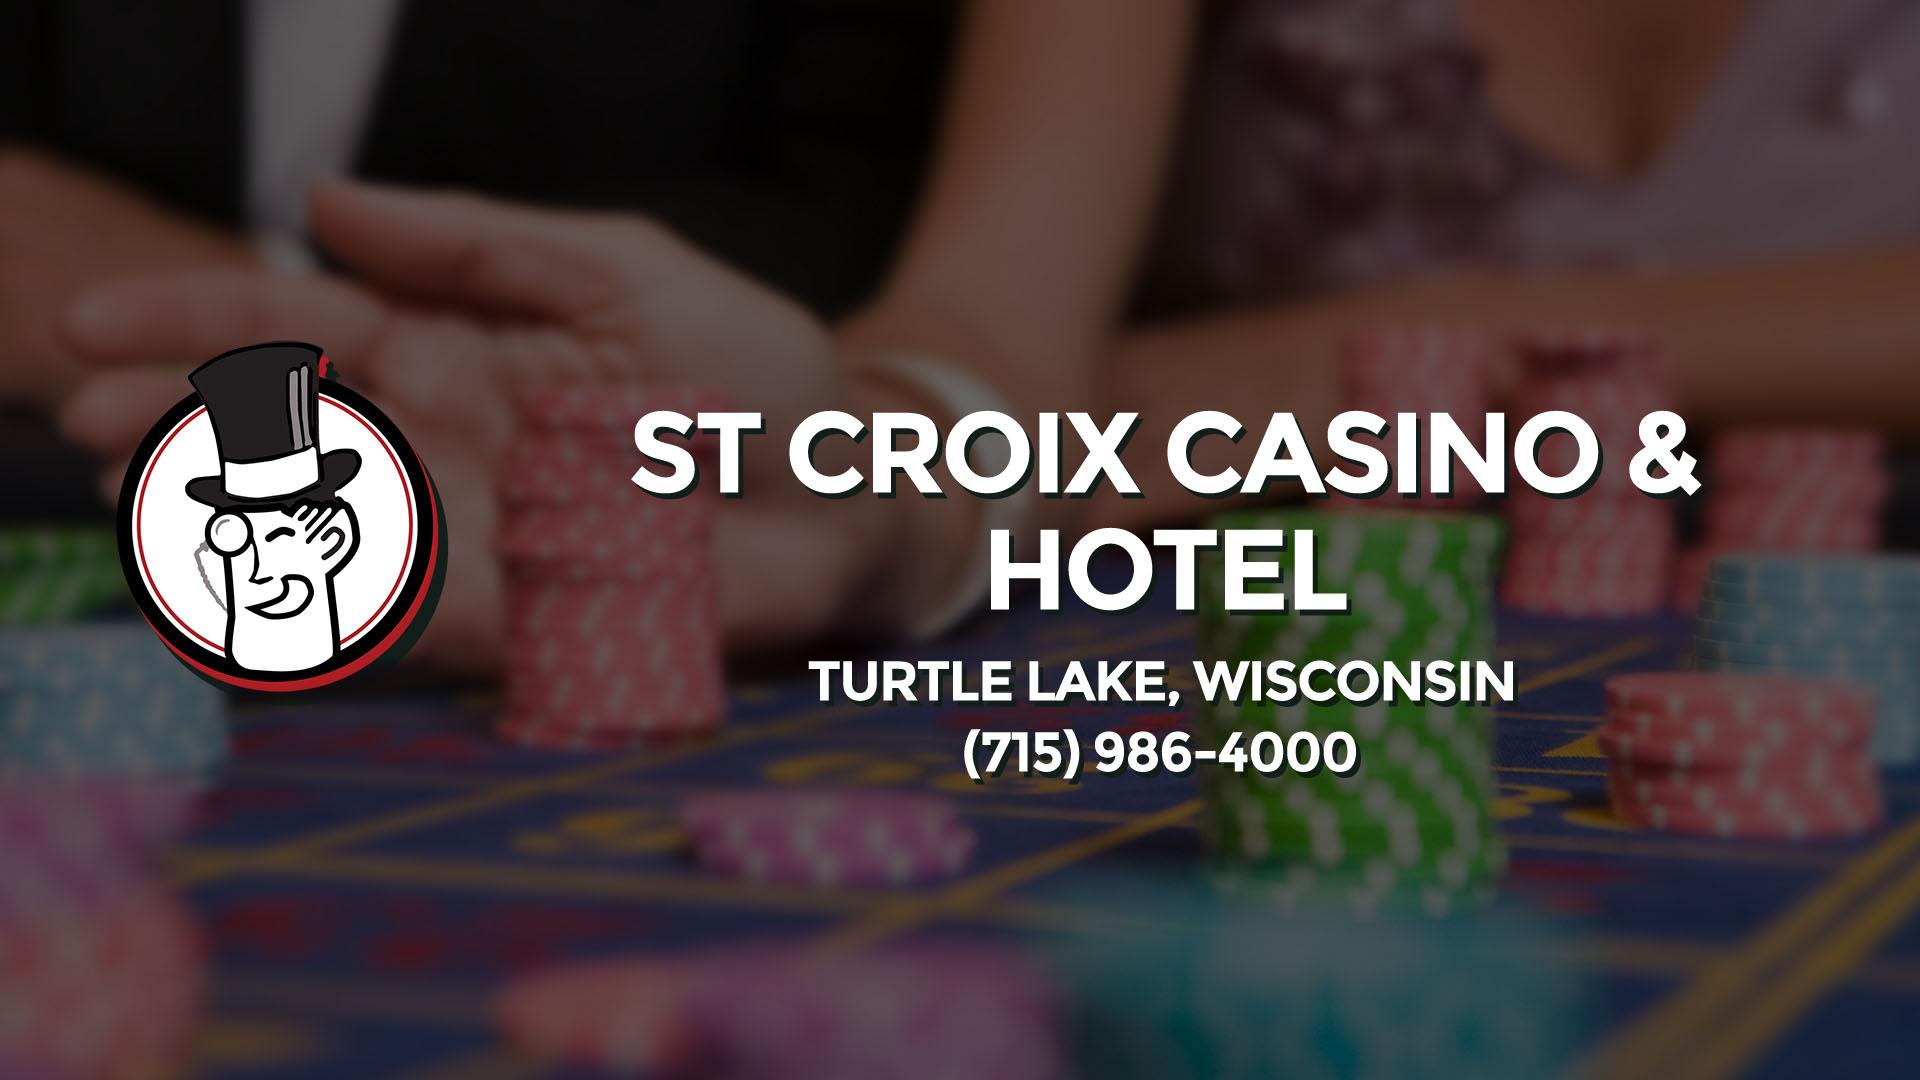 St croix casino bus schedule pointe casino washington